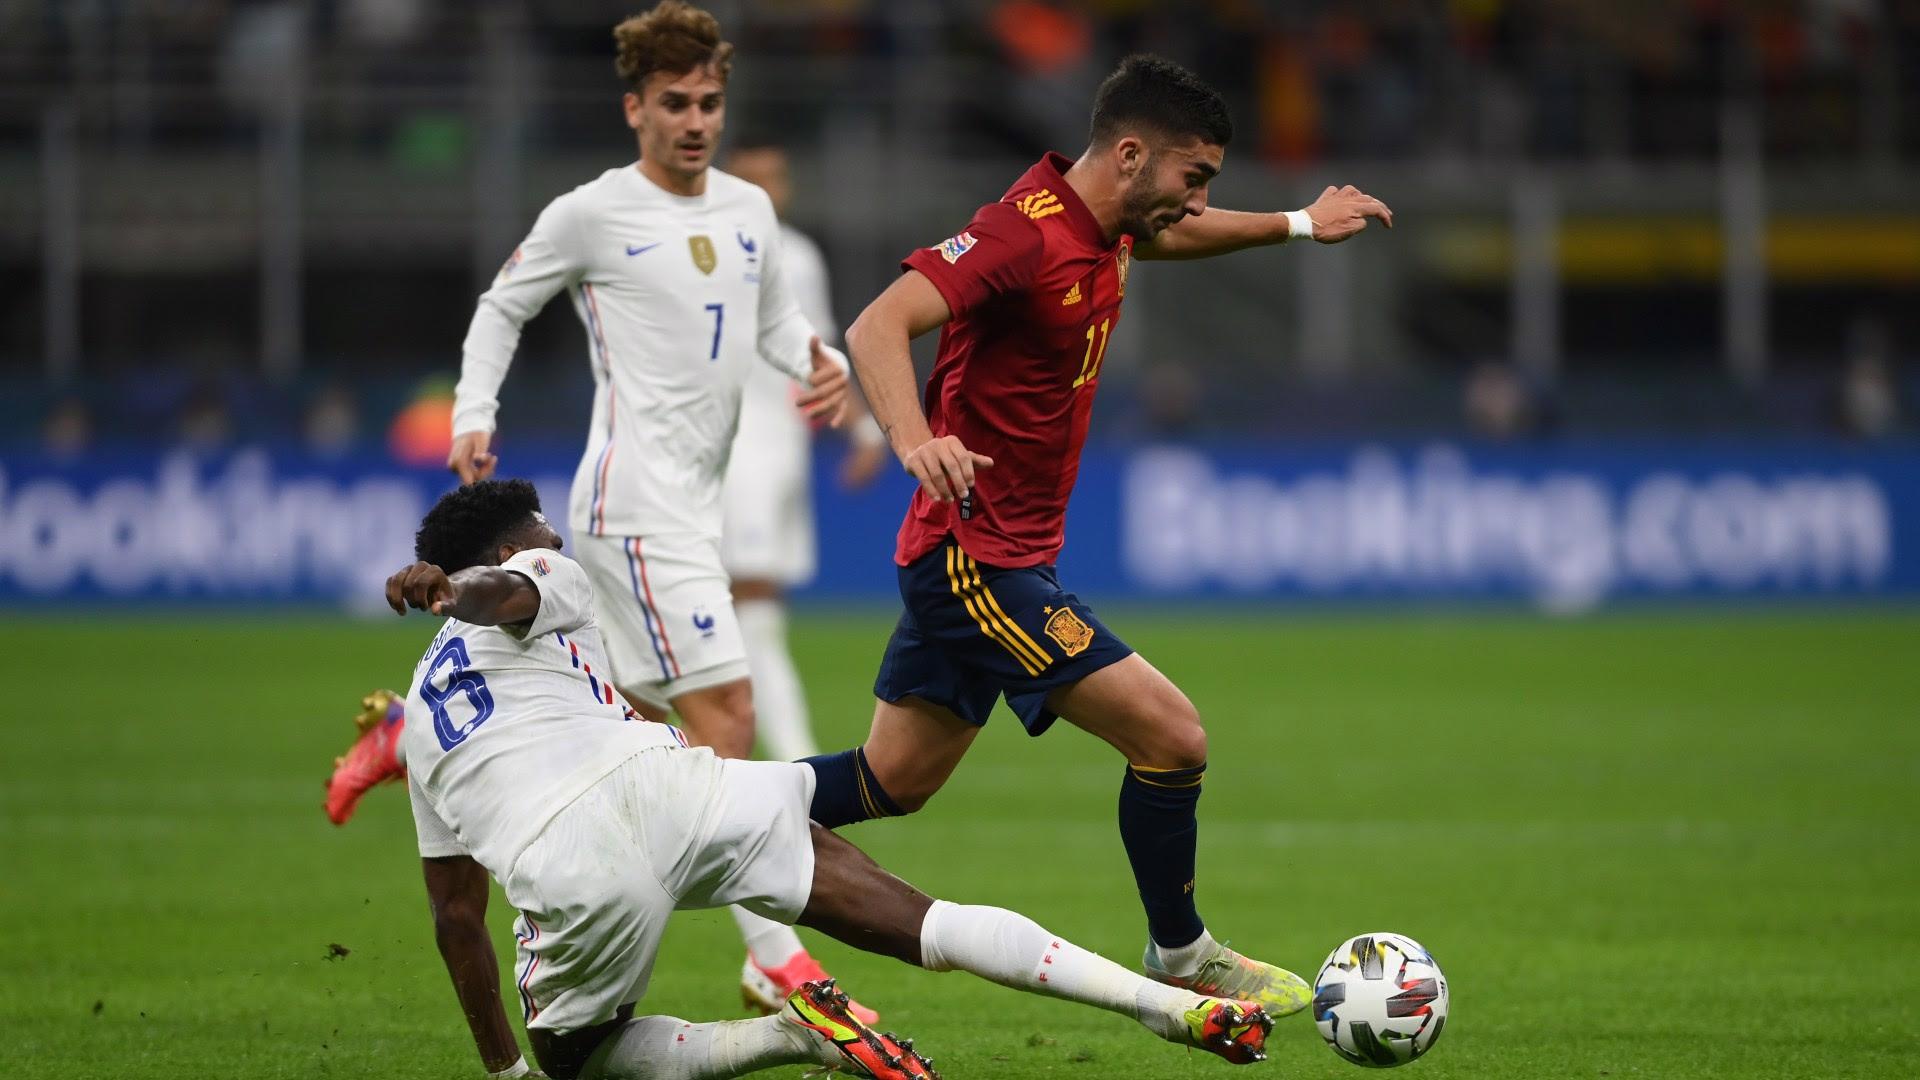 Injury update: Ferran Torres